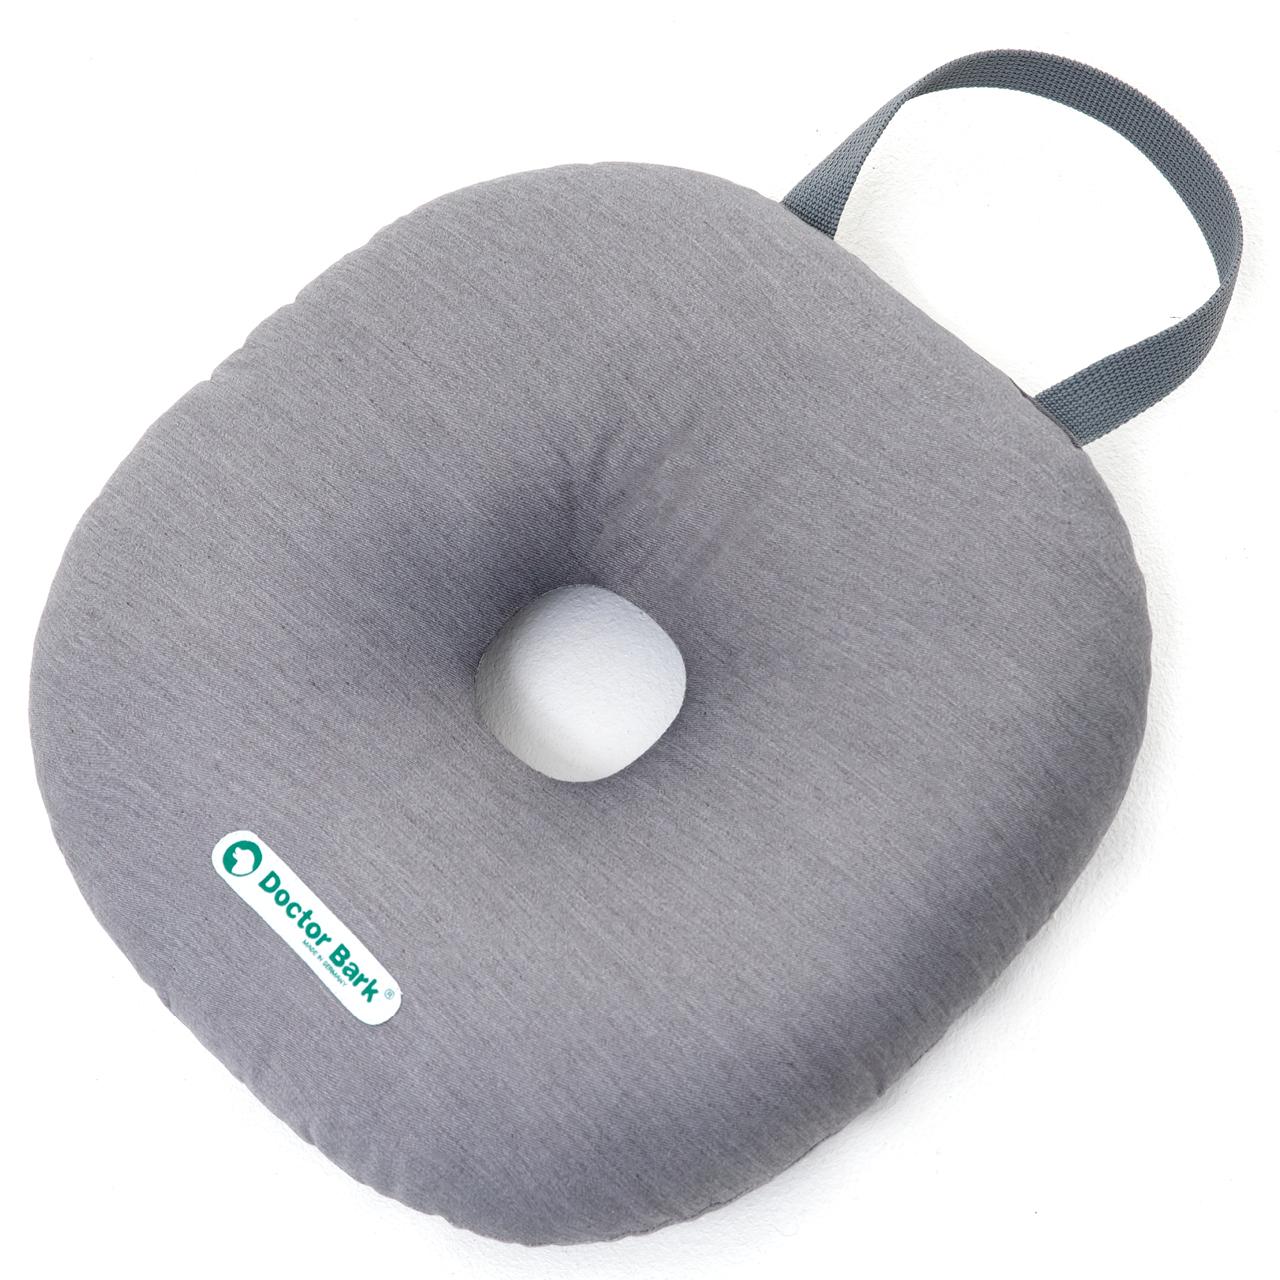 Toy Donut - round M hellgrau